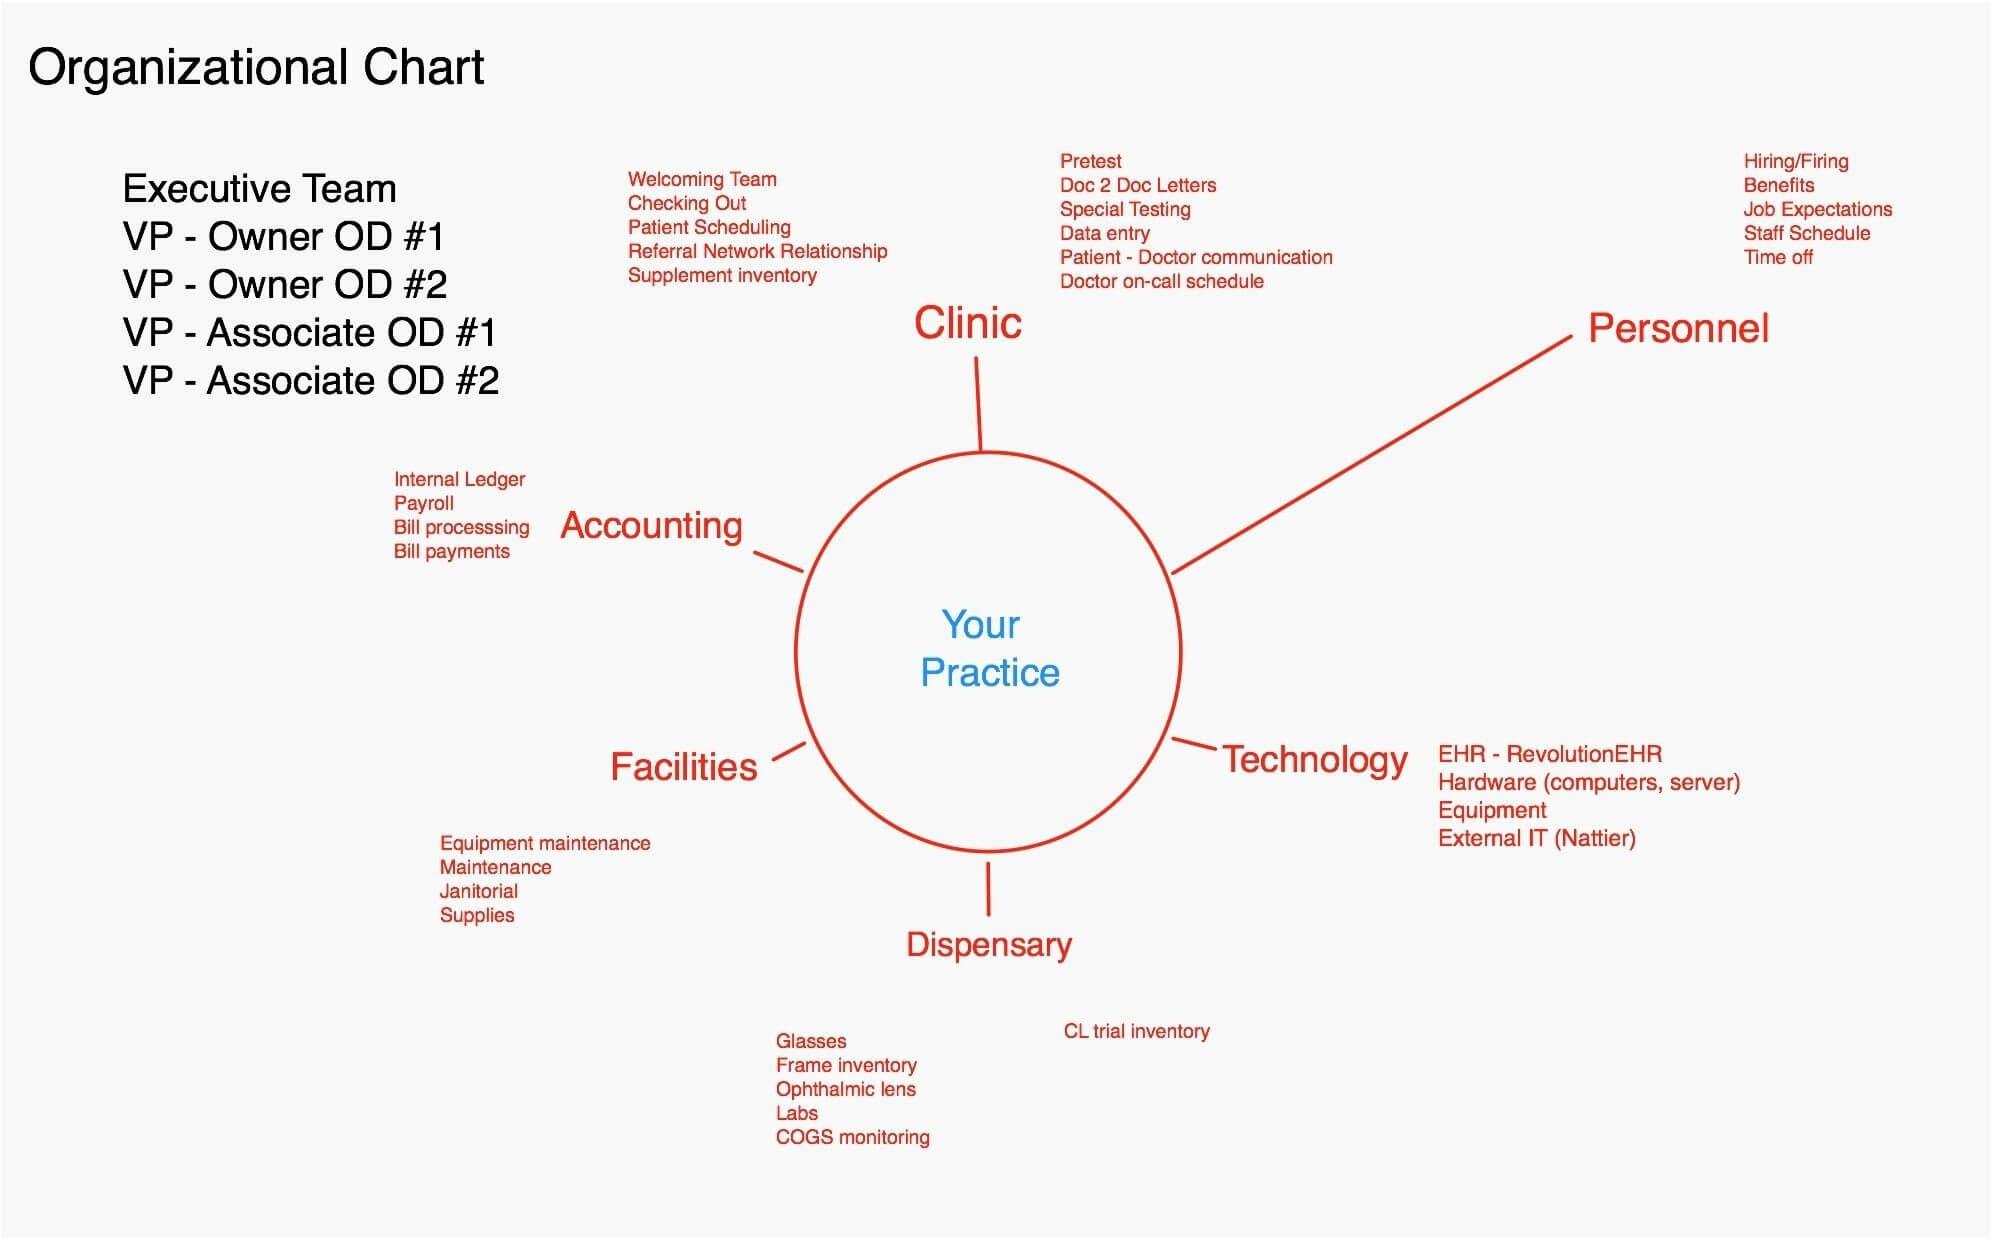 Team Charter Template Powerpoint - Atlantaauctionco For Team Charter Template Powerpoint